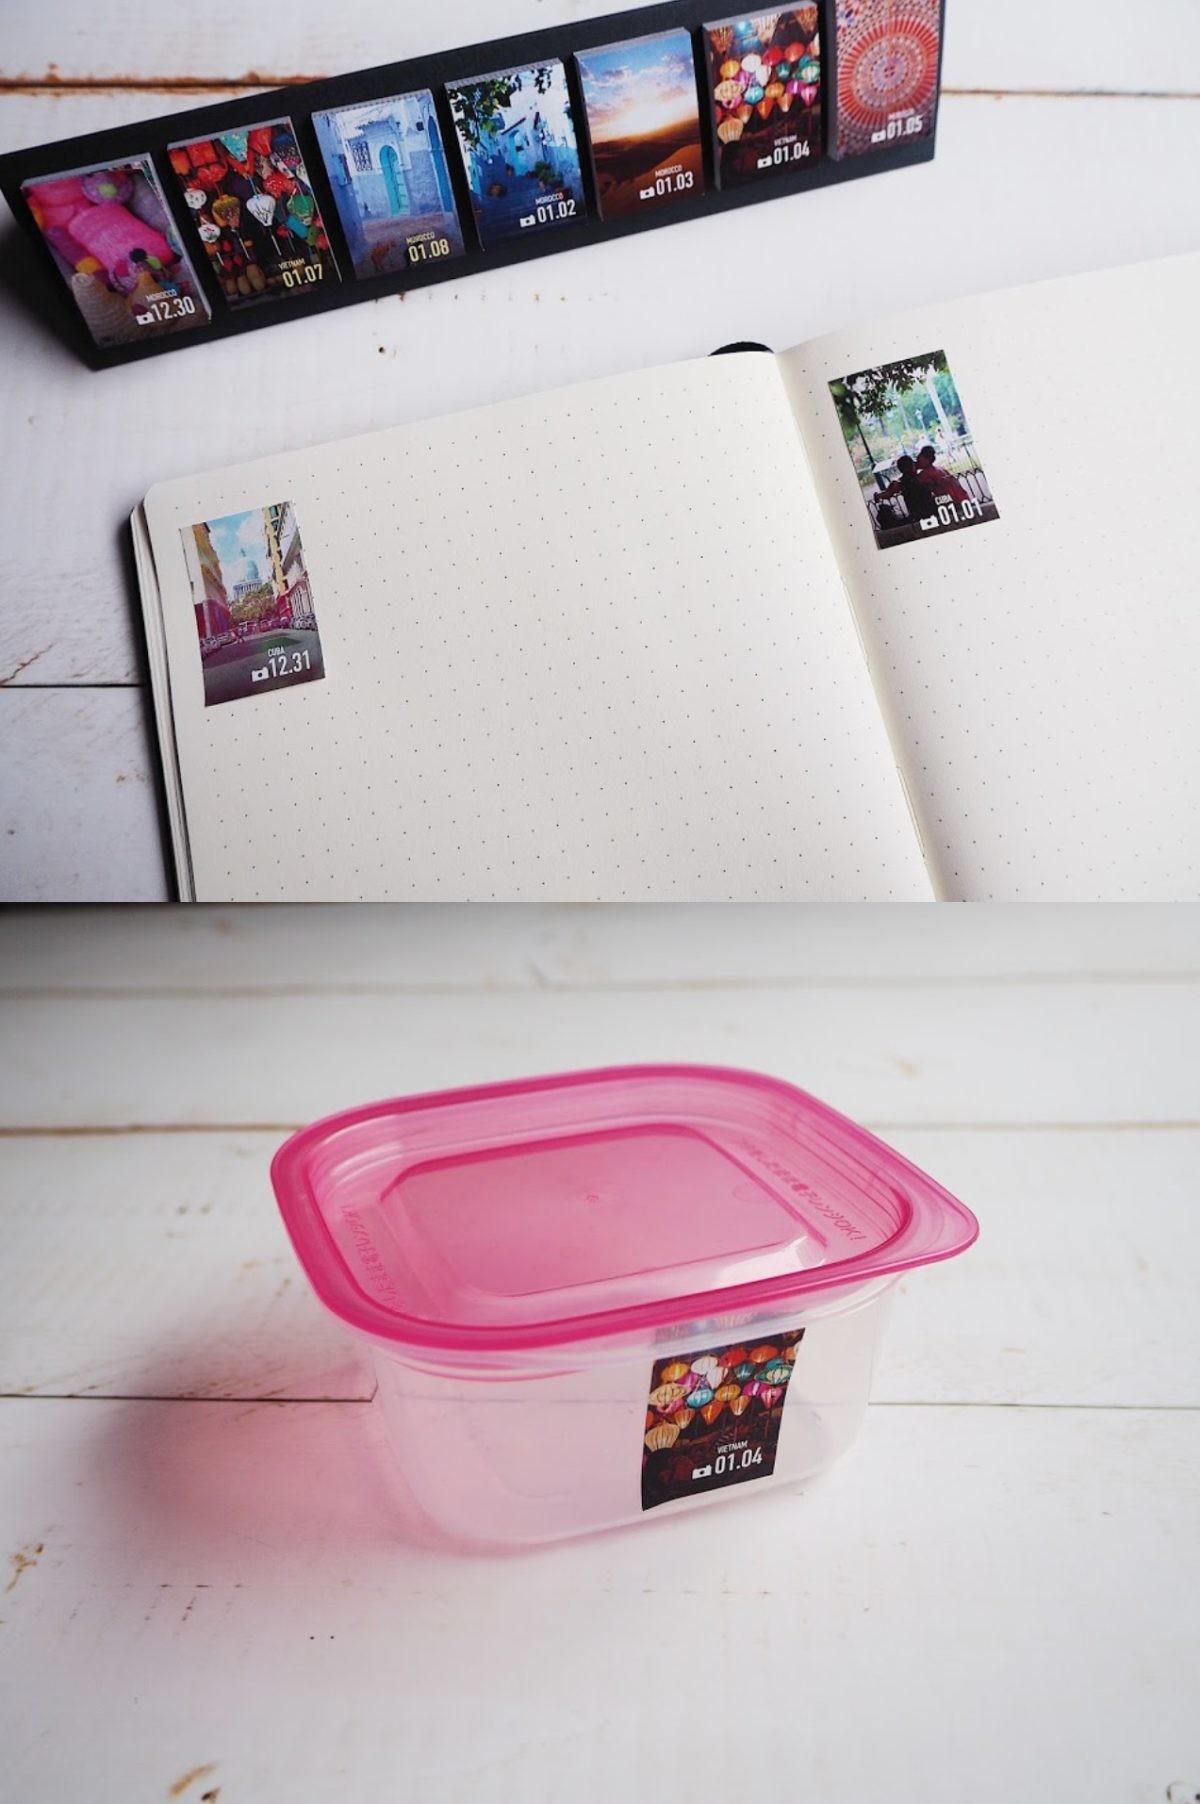 ↑ノートに貼ってダイアリーを自作したり、作り置きした食材を入れたタッパーに貼り付けて賞味期限を見える化したり活用できる